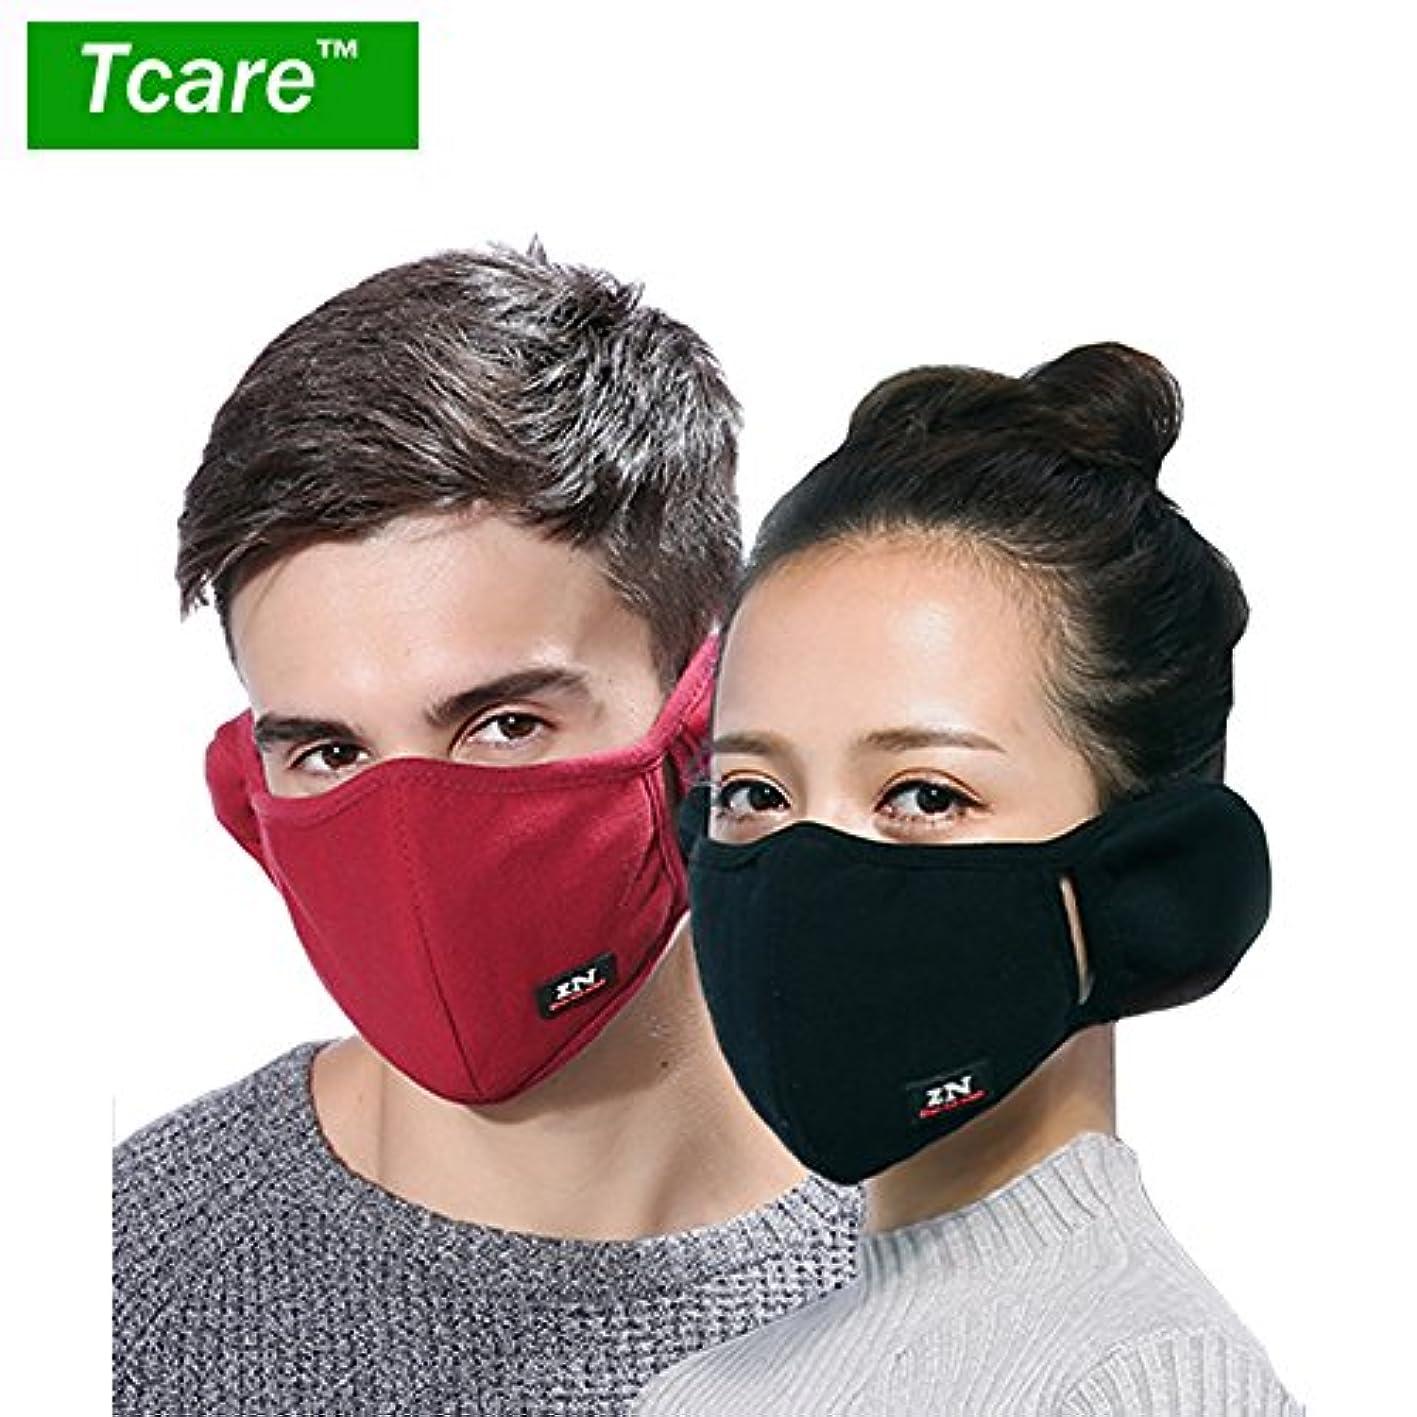 三十解釈きらめく男性女性の少年少女のためのTcare呼吸器2レイヤピュアコットン保護フィルター挿入口:1レッド